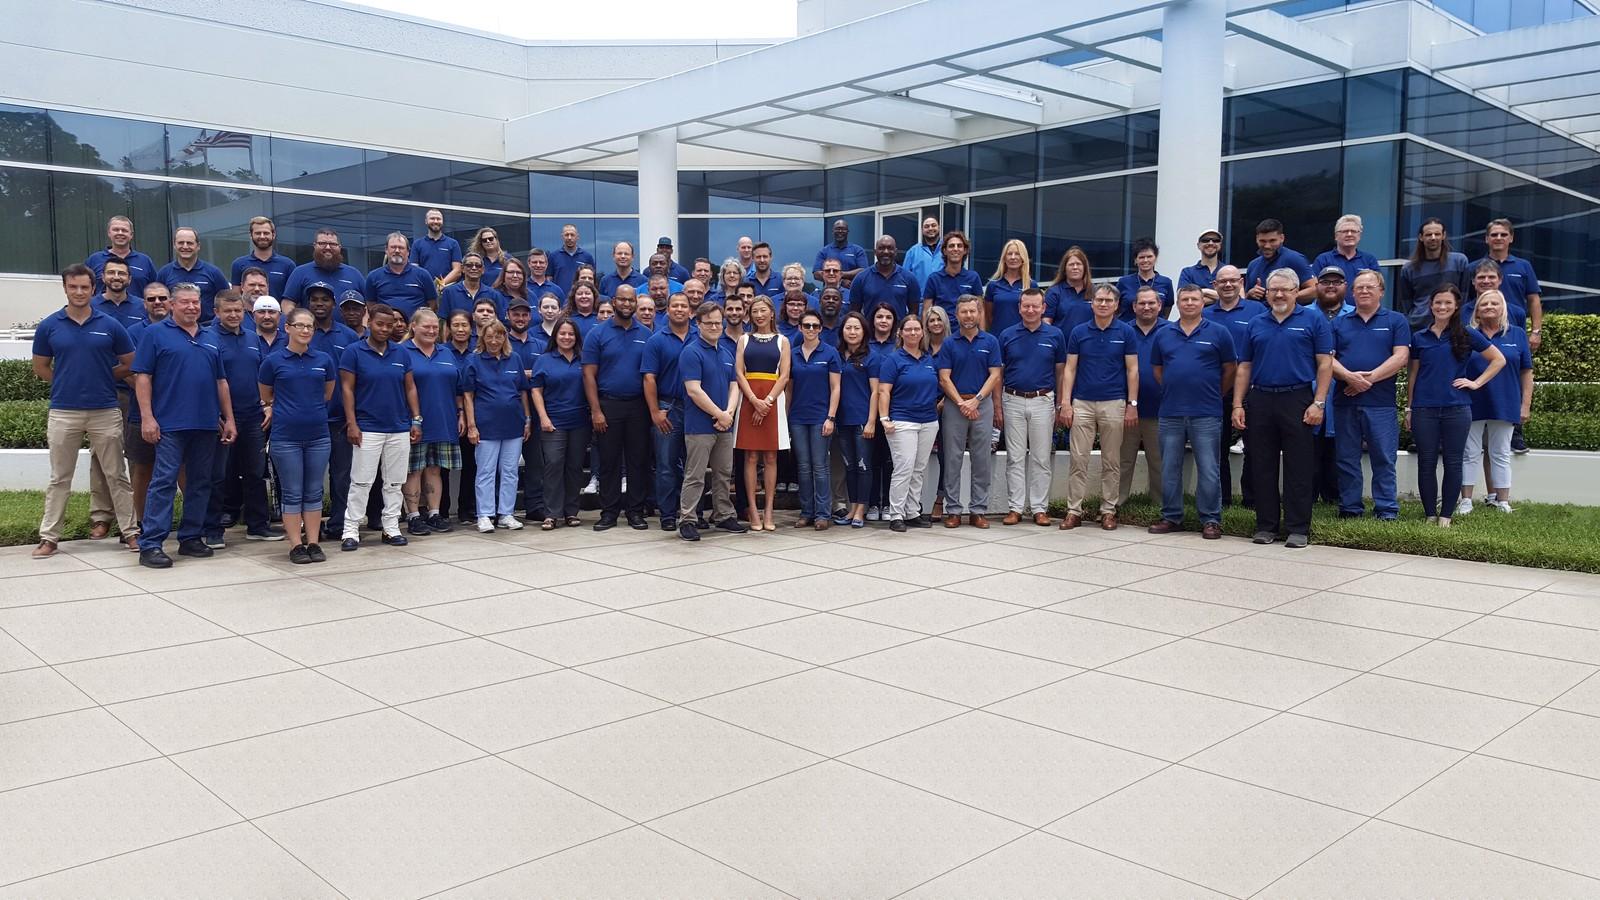 Das Faulhaber Micromo LLC Team: Ziel der Integration ist es, gemeinsam unter einem Namen und einer Vision zu wachsen.